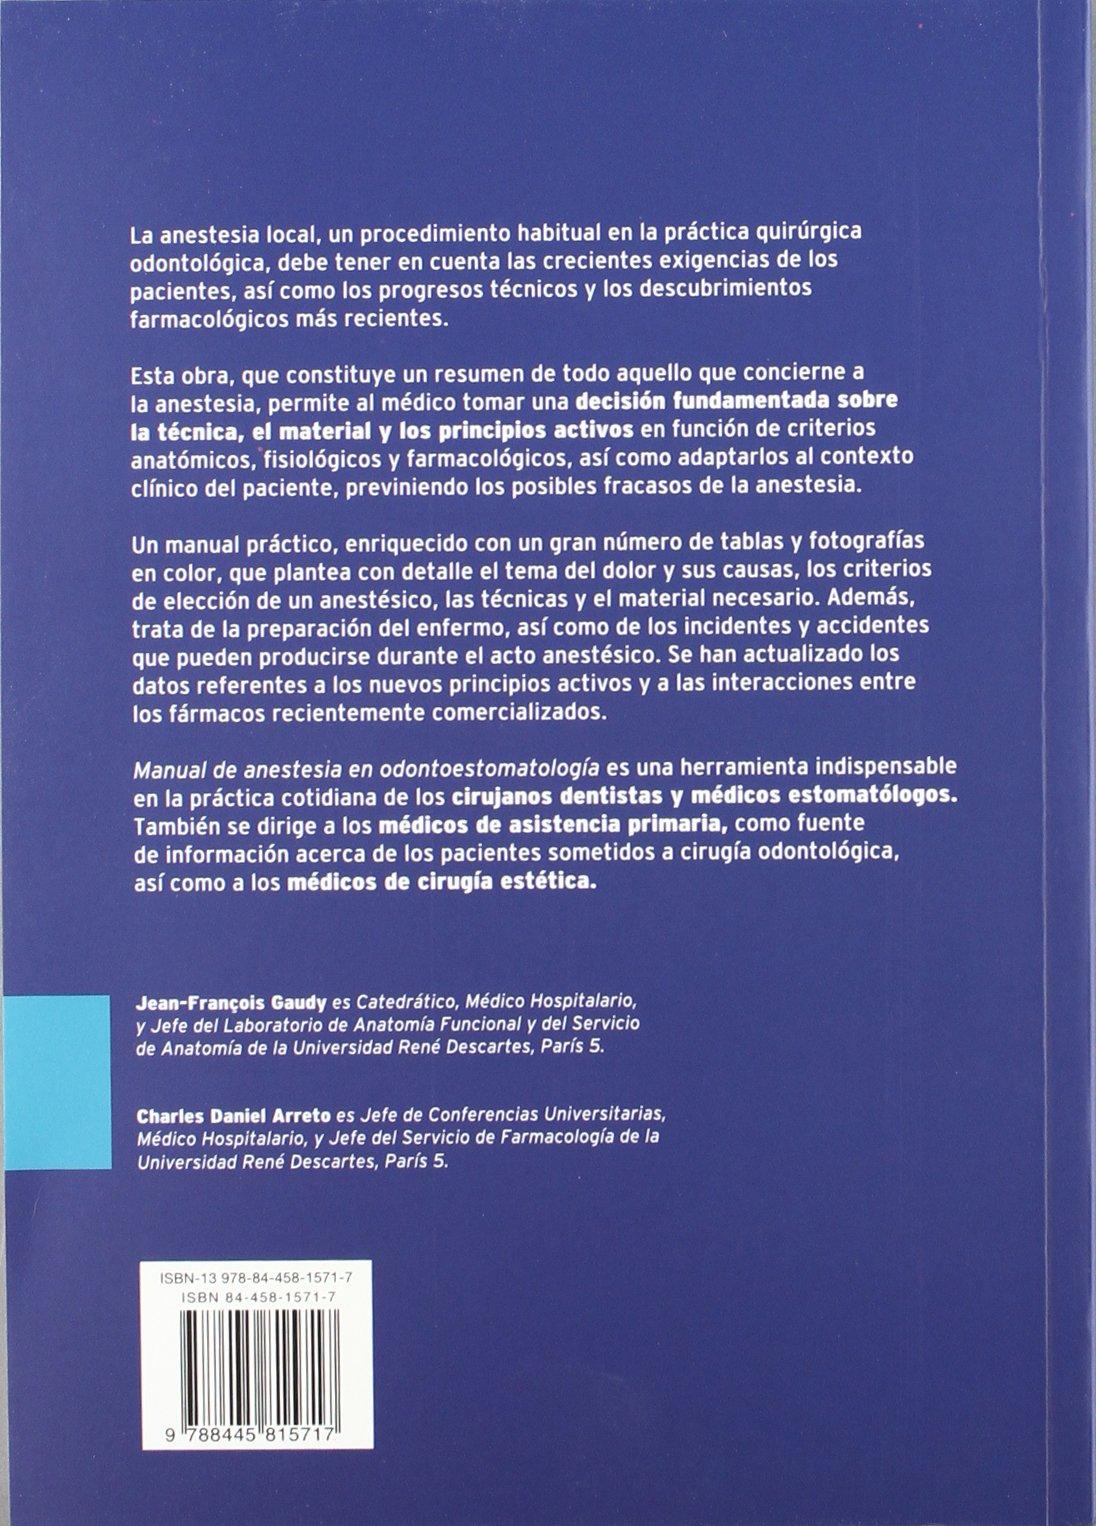 Vistoso Descubrimientos Recientes En La Anatomía Bandera - Imágenes ...